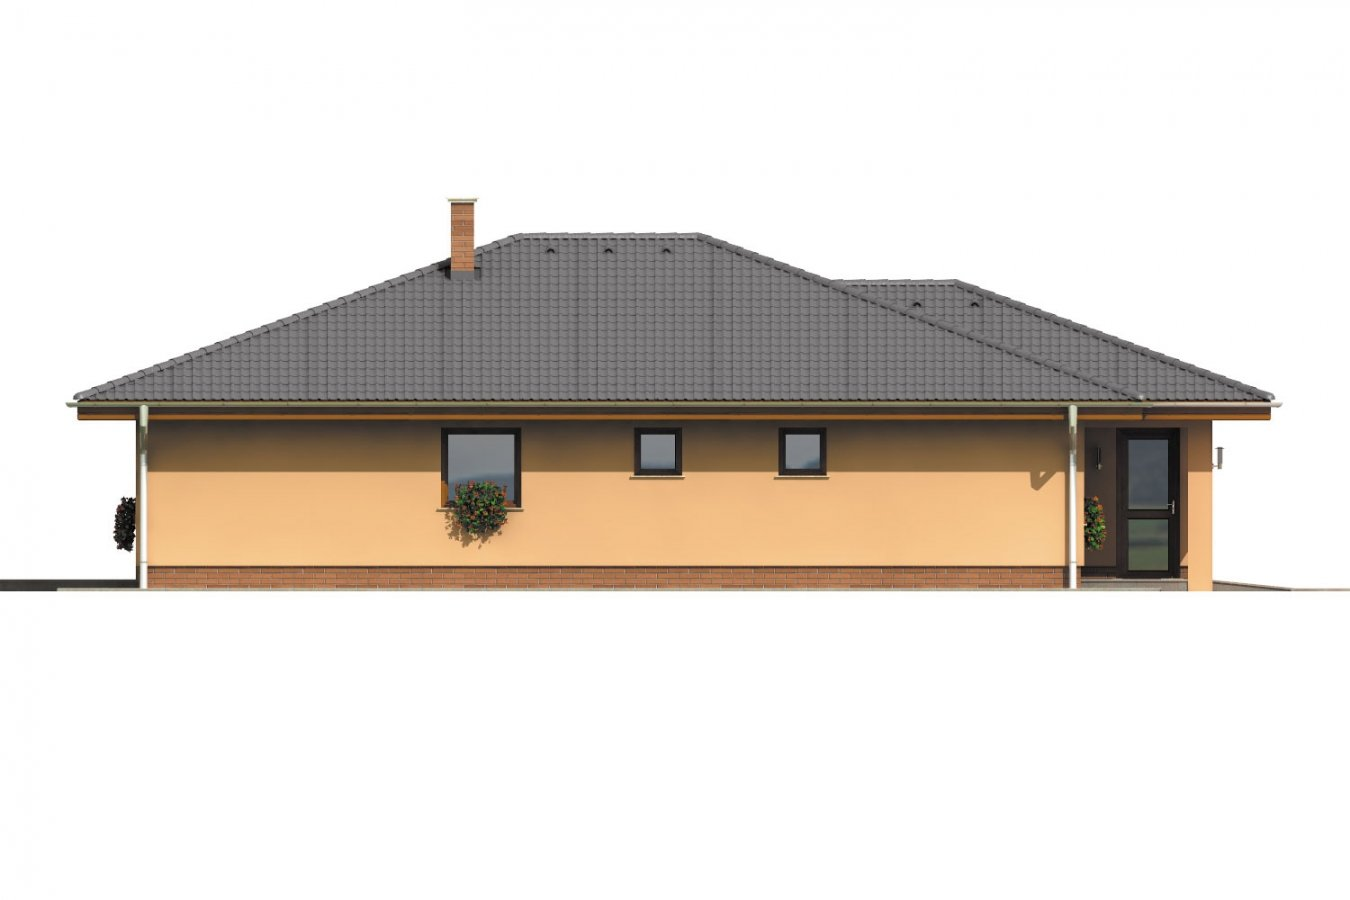 Pohľad 2. - Bungalov s veľkou garážou a terasou.